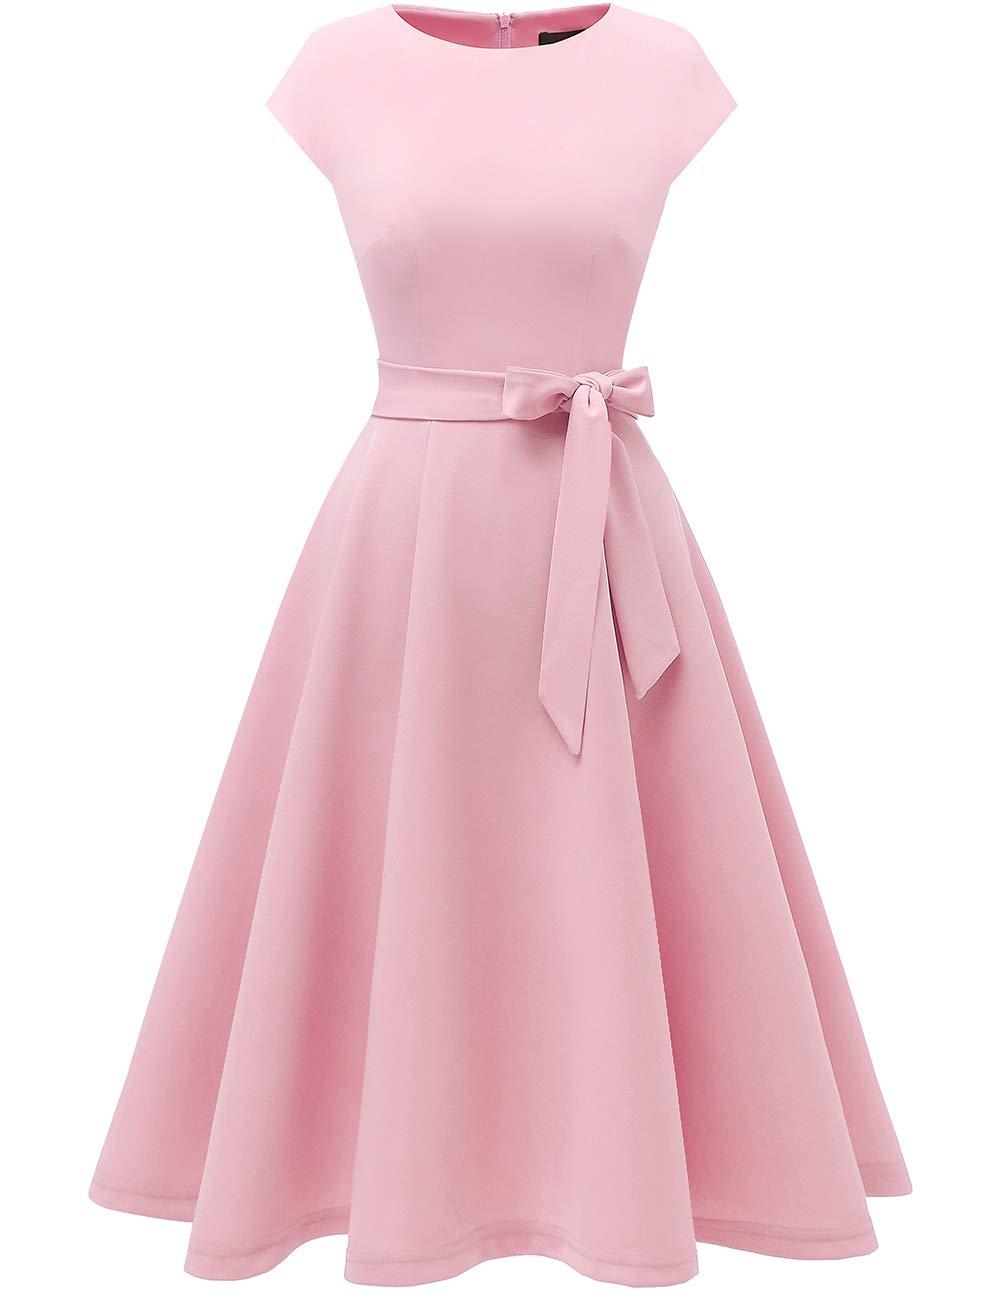 Pink 1950s Retro Dress Cocktail Dress Prom Vintage Tea Dress Short Lace Bridesmaid Dresses [ 1300 x 1003 Pixel ]